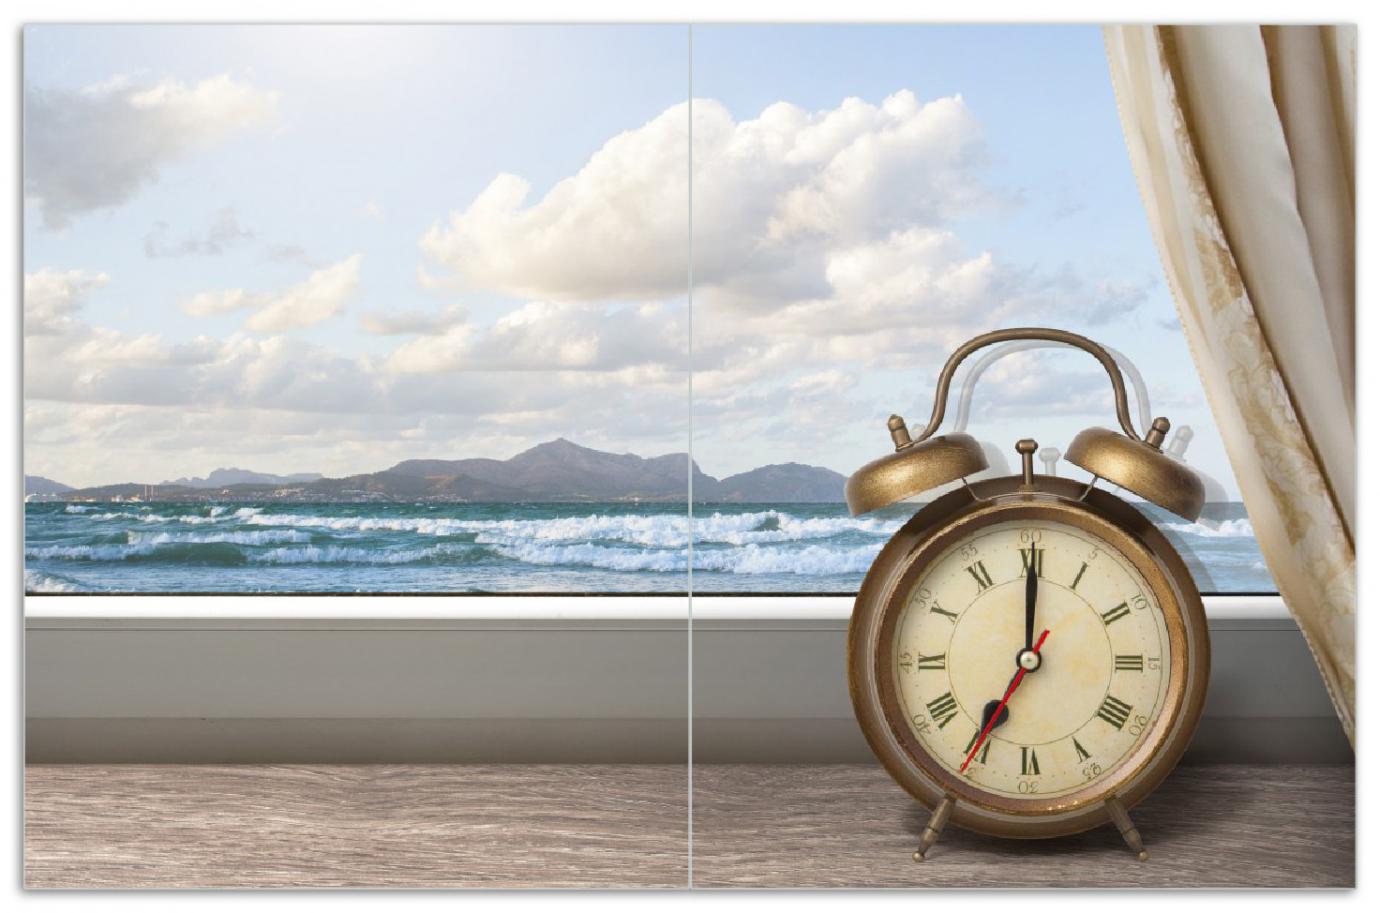 Herdabdeckplatte Guten Morgen sagt das Meer - Wecker und Vorhang am Fenster – Bild 1